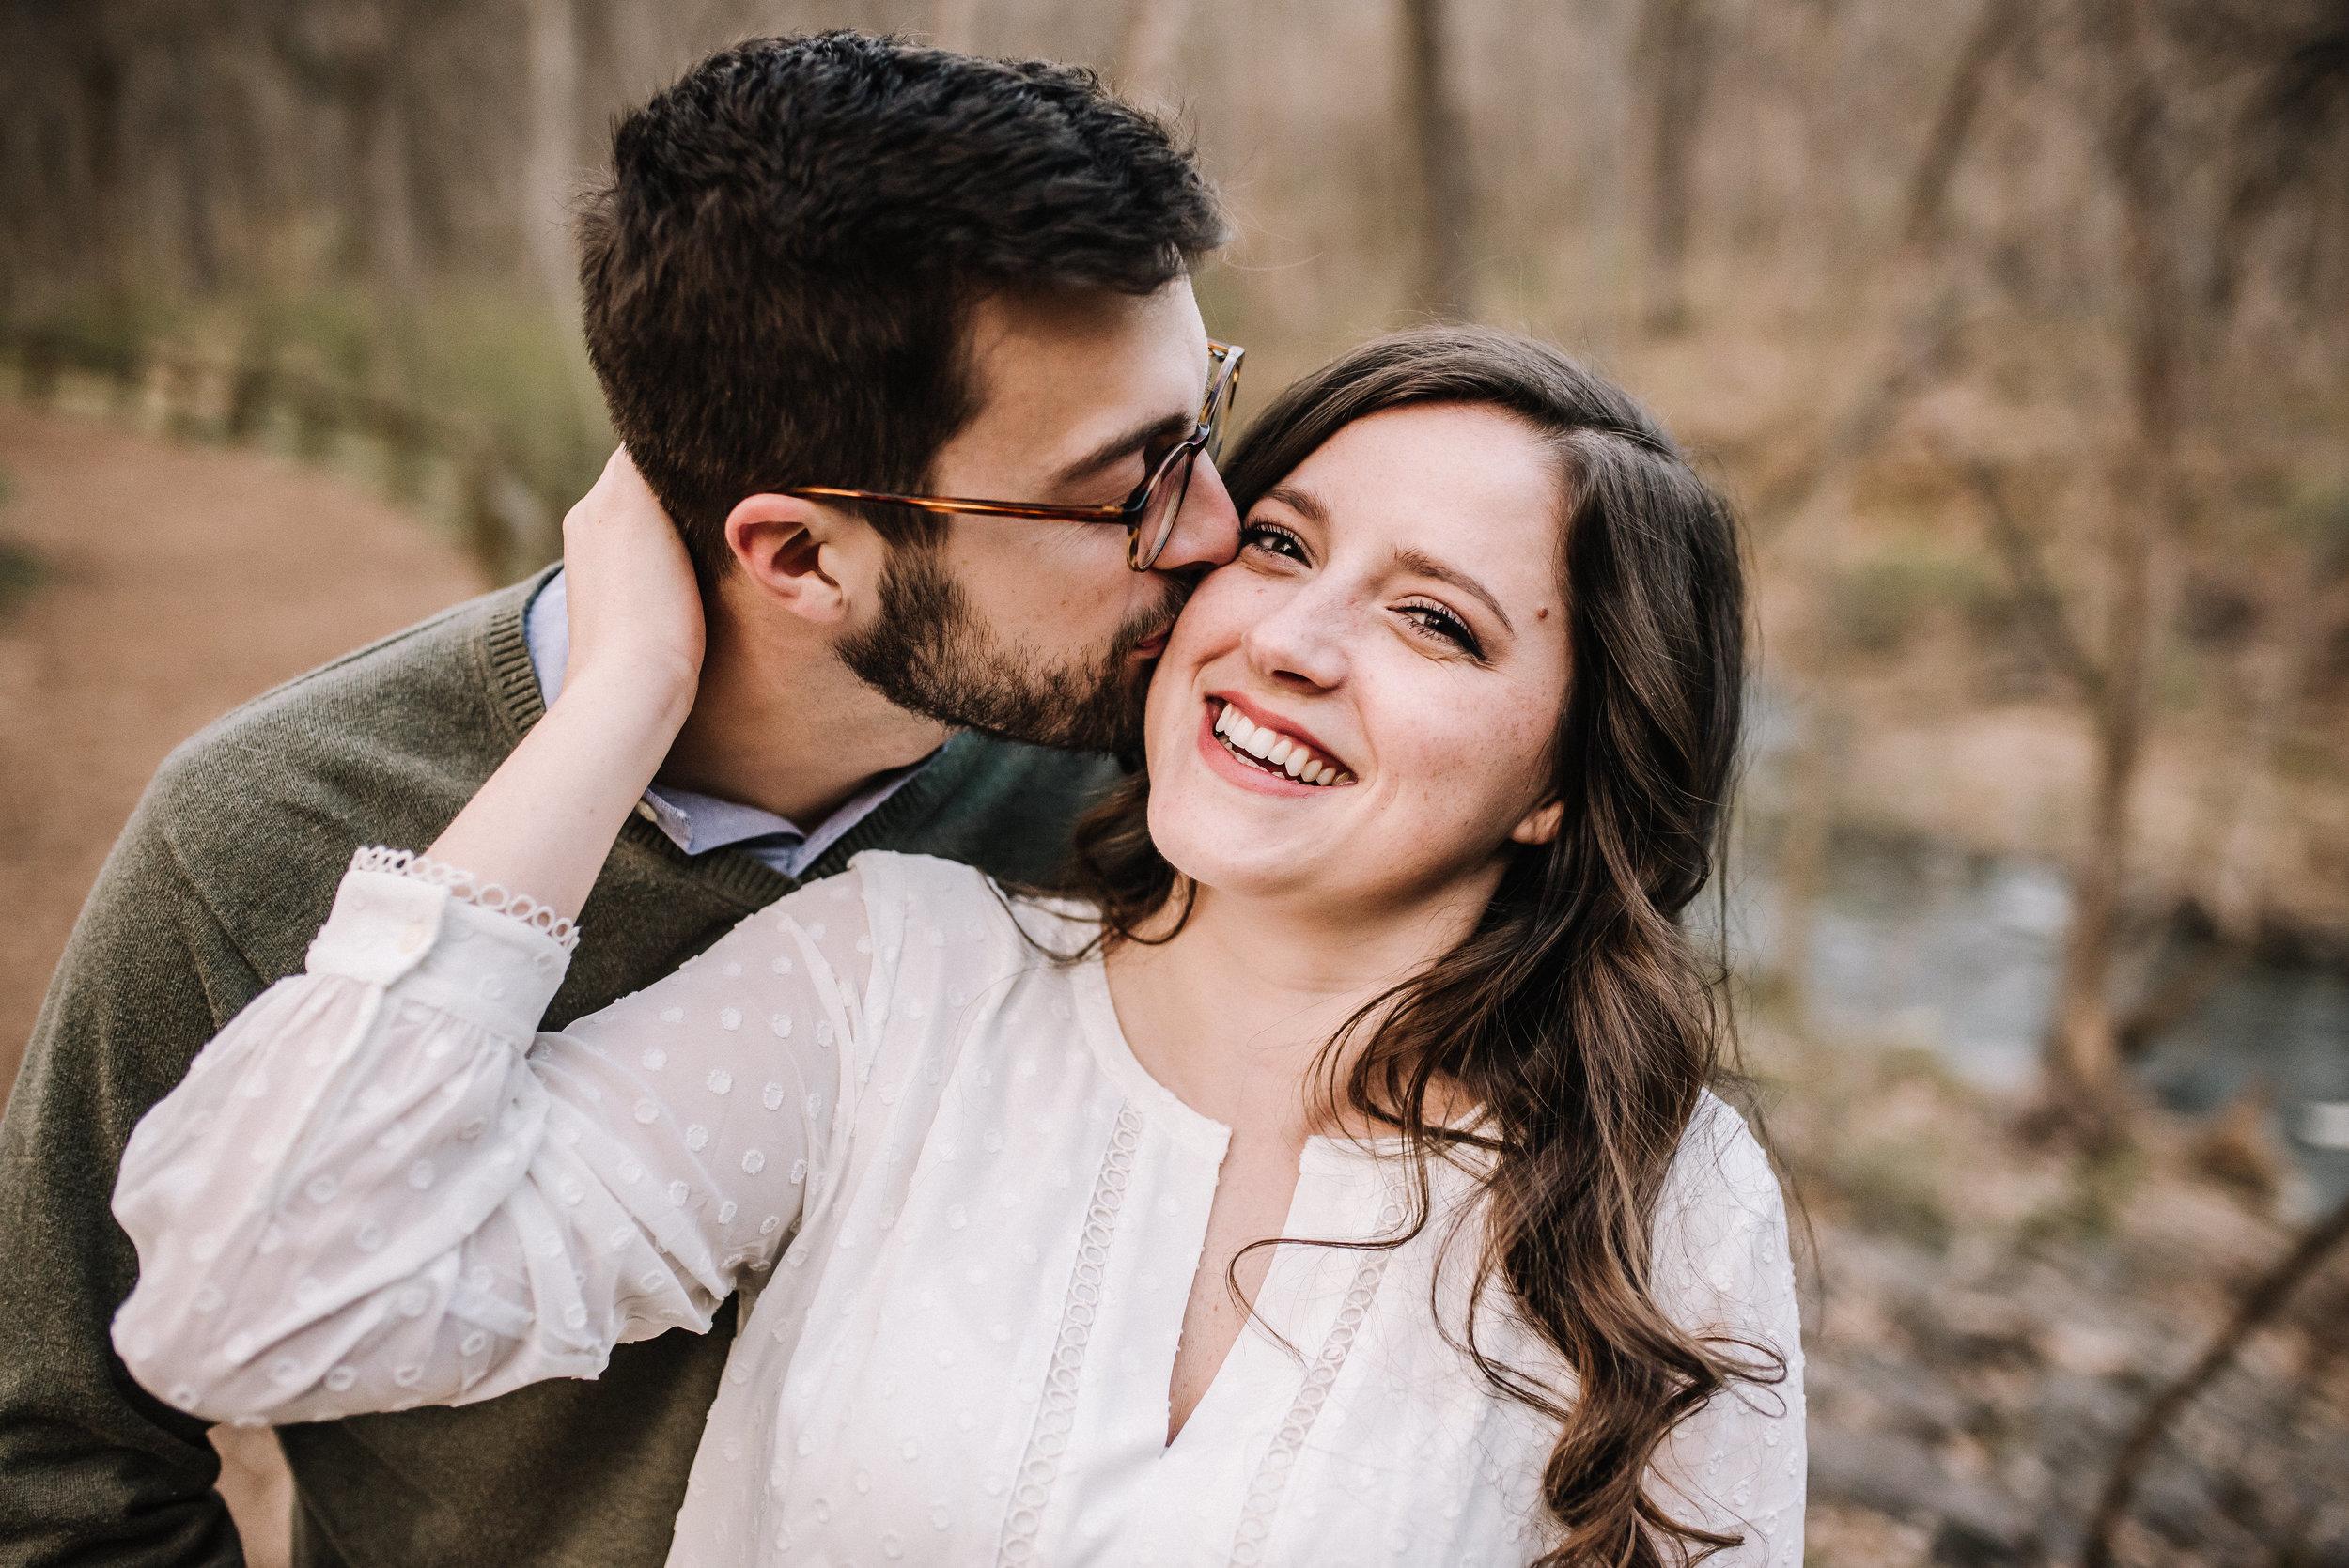 Adeline&James_Nashville-Engagement-Session-1430.jpg